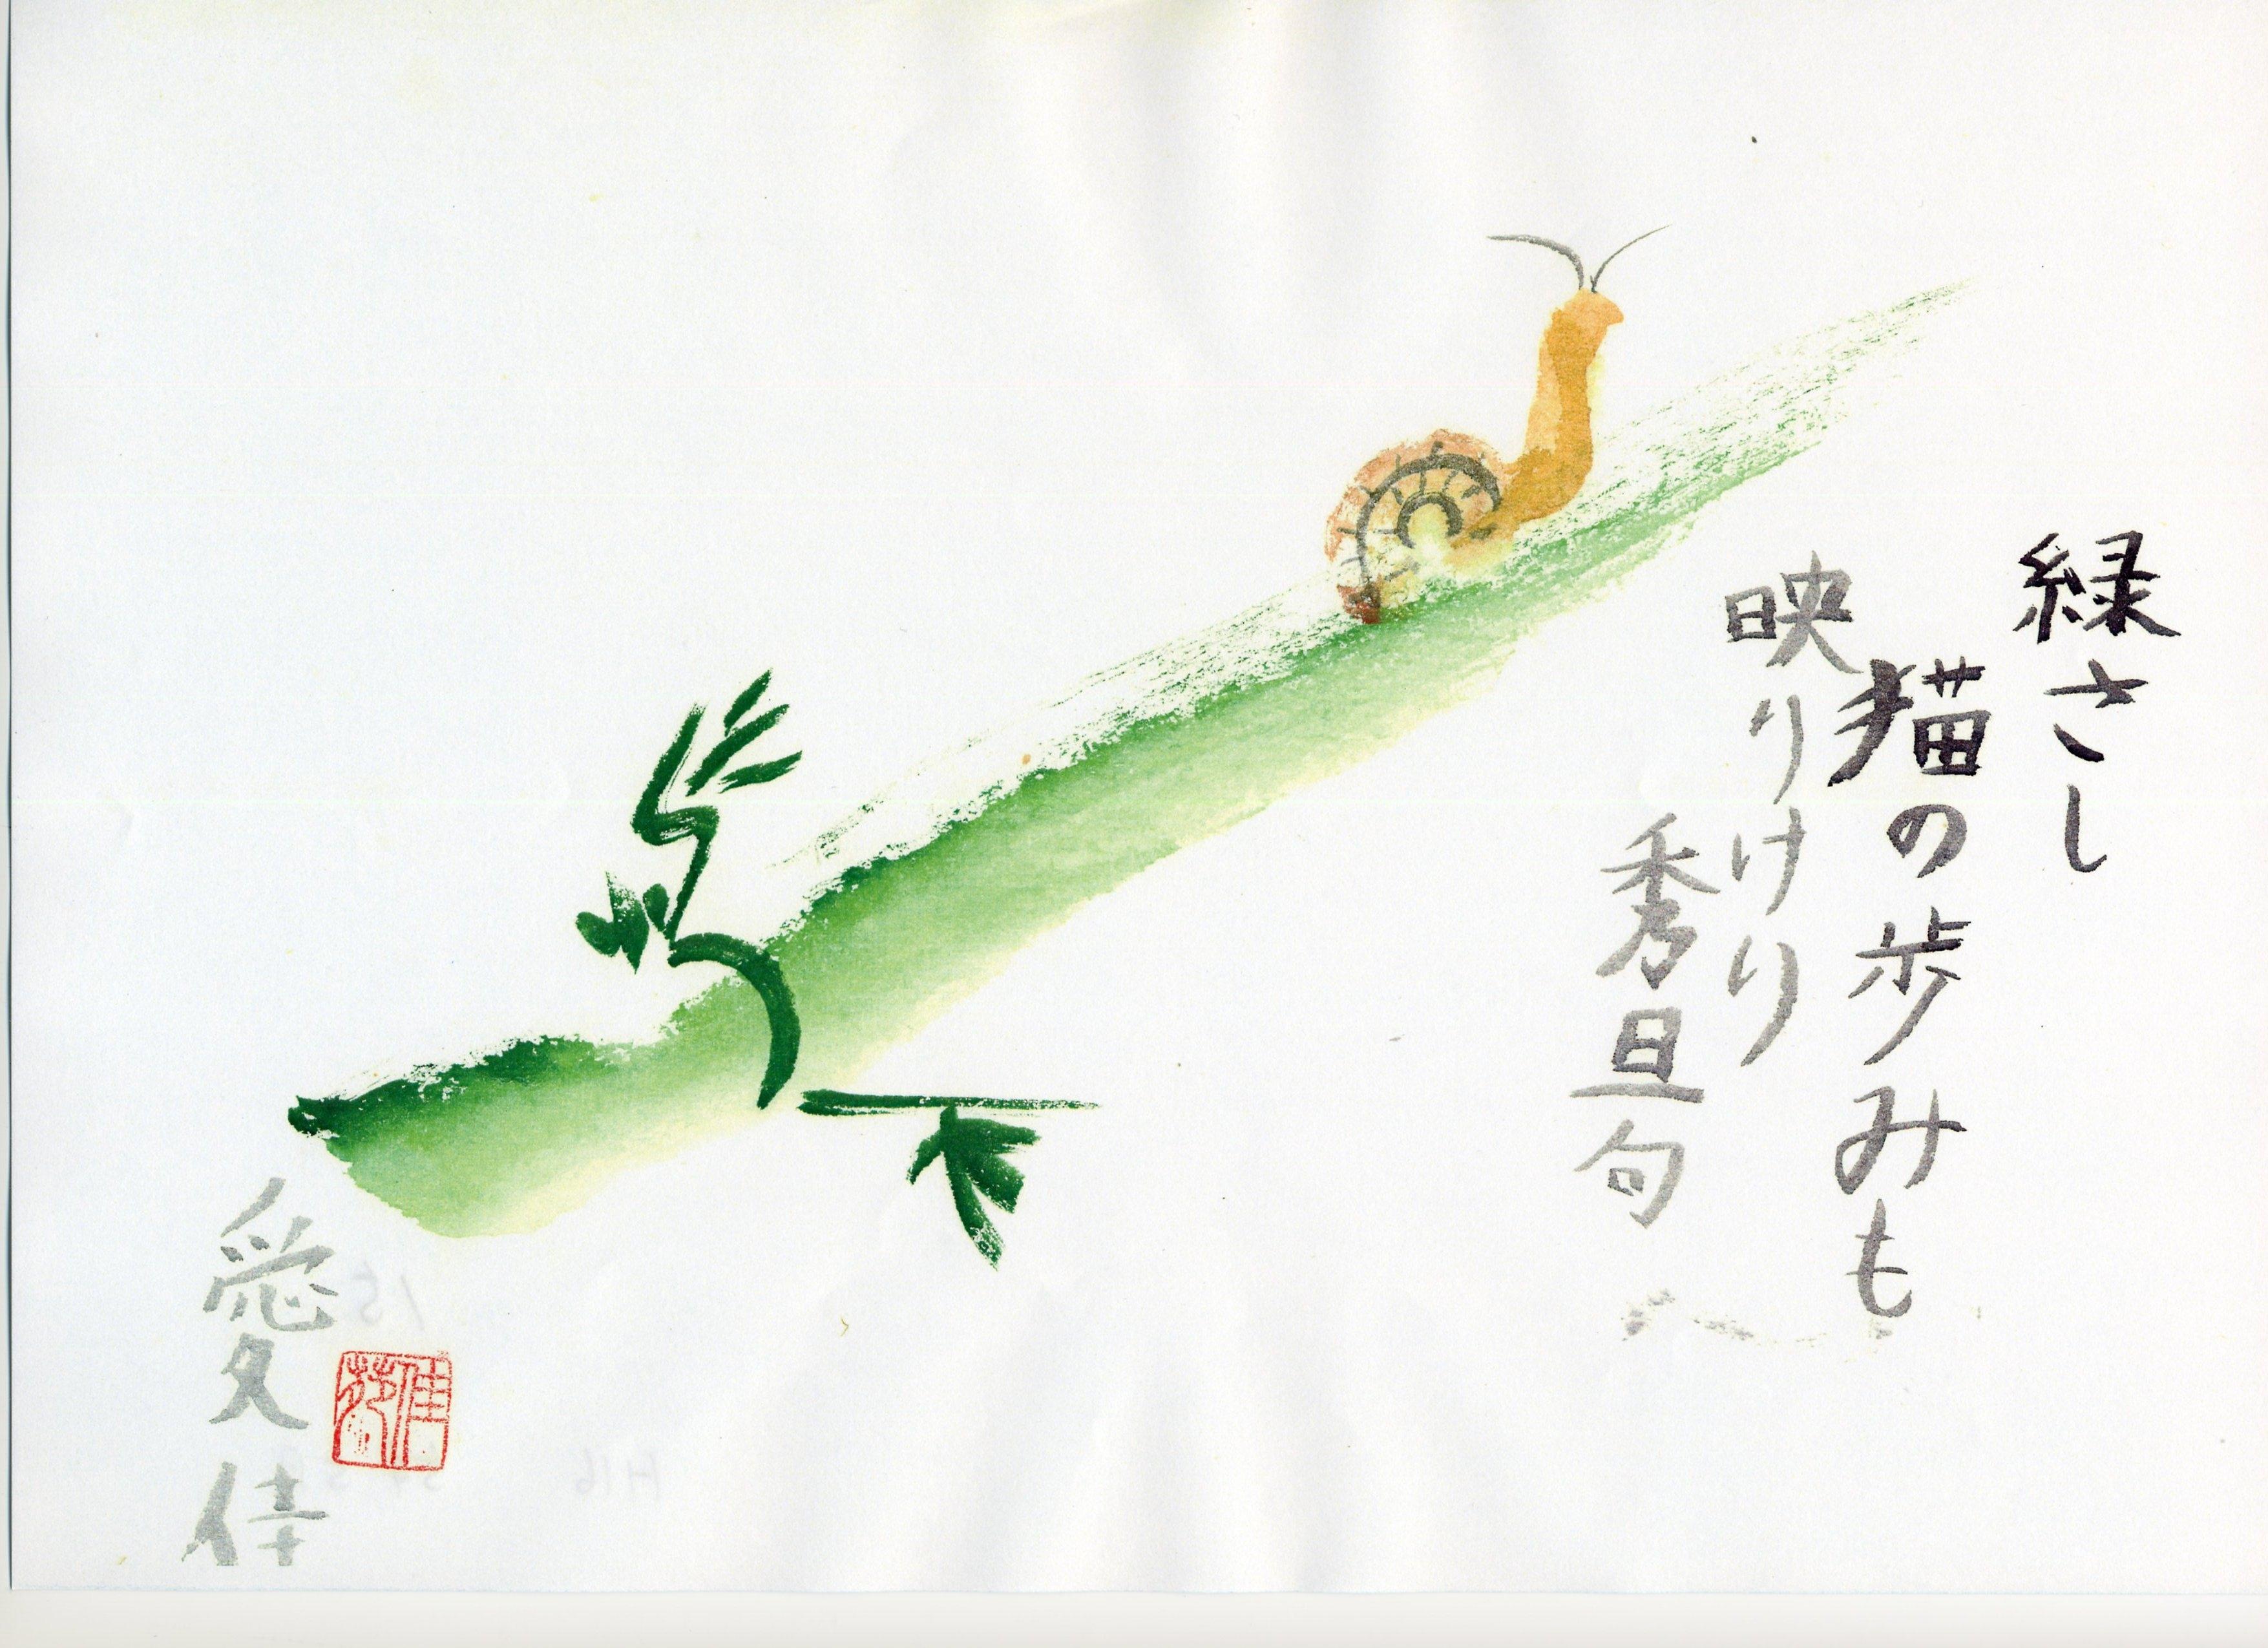 愛佳俳画 020